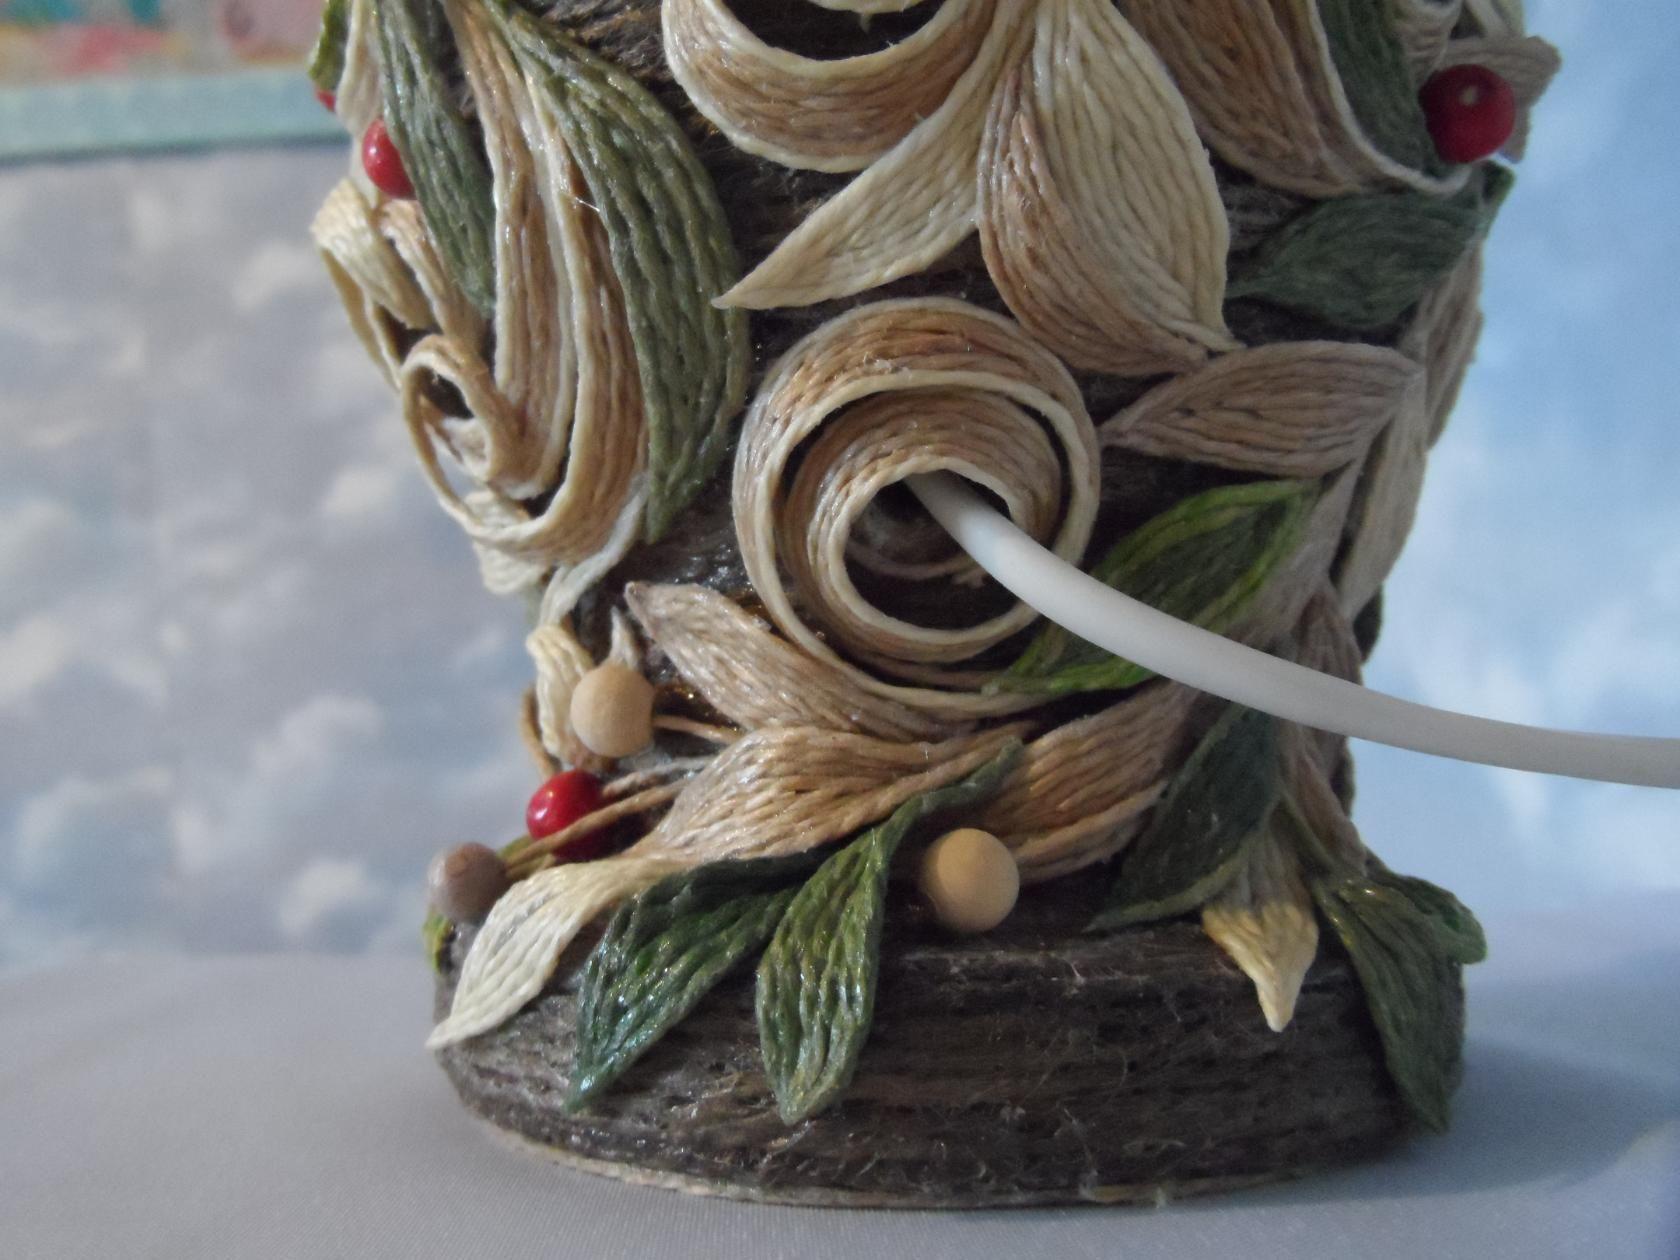 Канат в интерьере и декор из веревки, бечевки +70 фото примеров